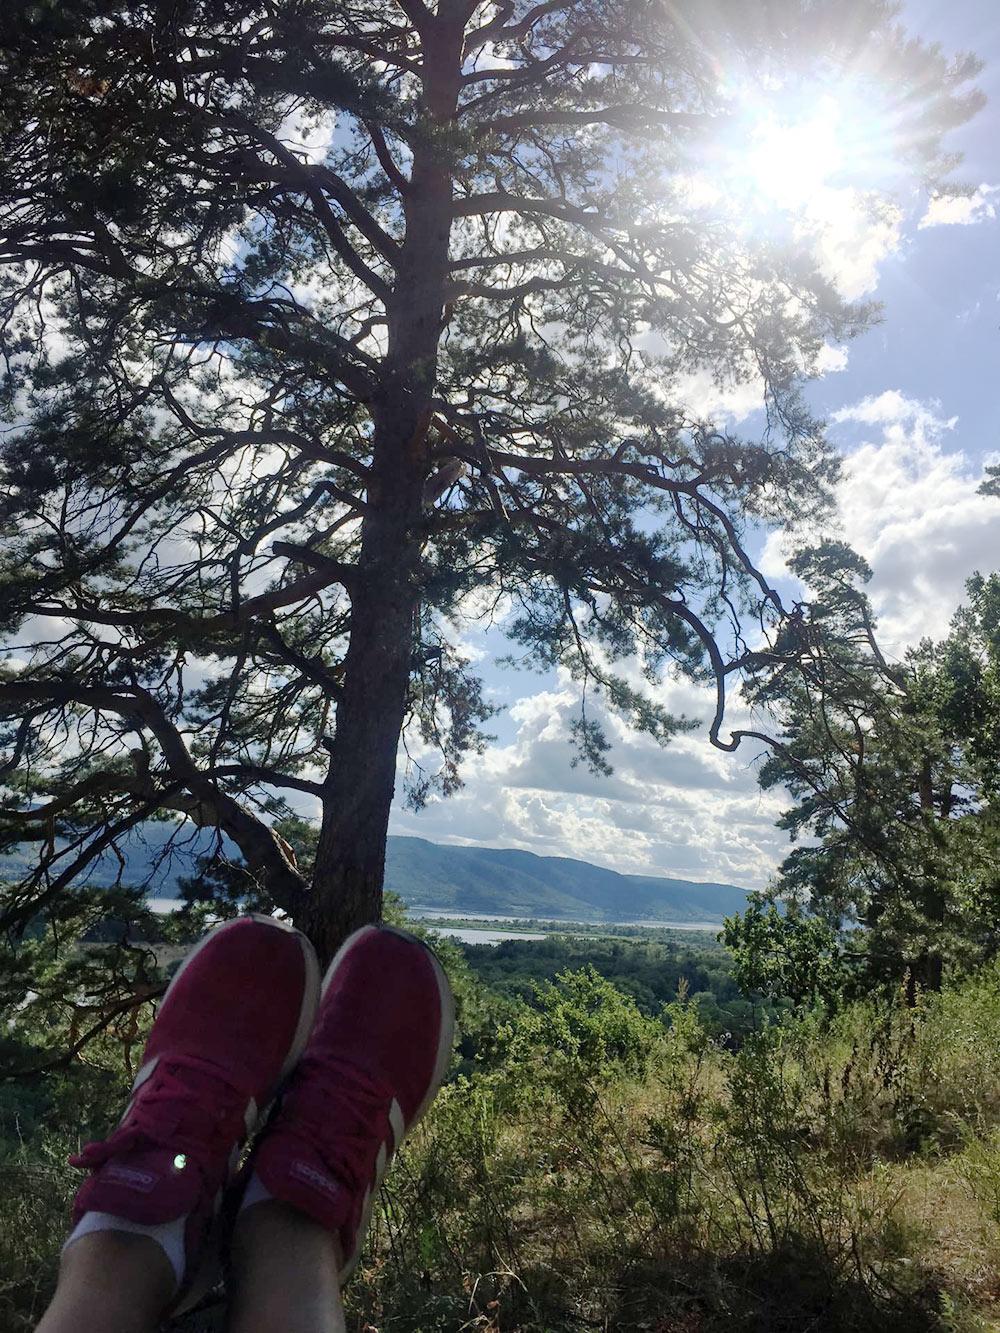 Это место с видом на Жигулевские горы мы открыли длясебя совсем недавно. Теперь в основном ездим сюда